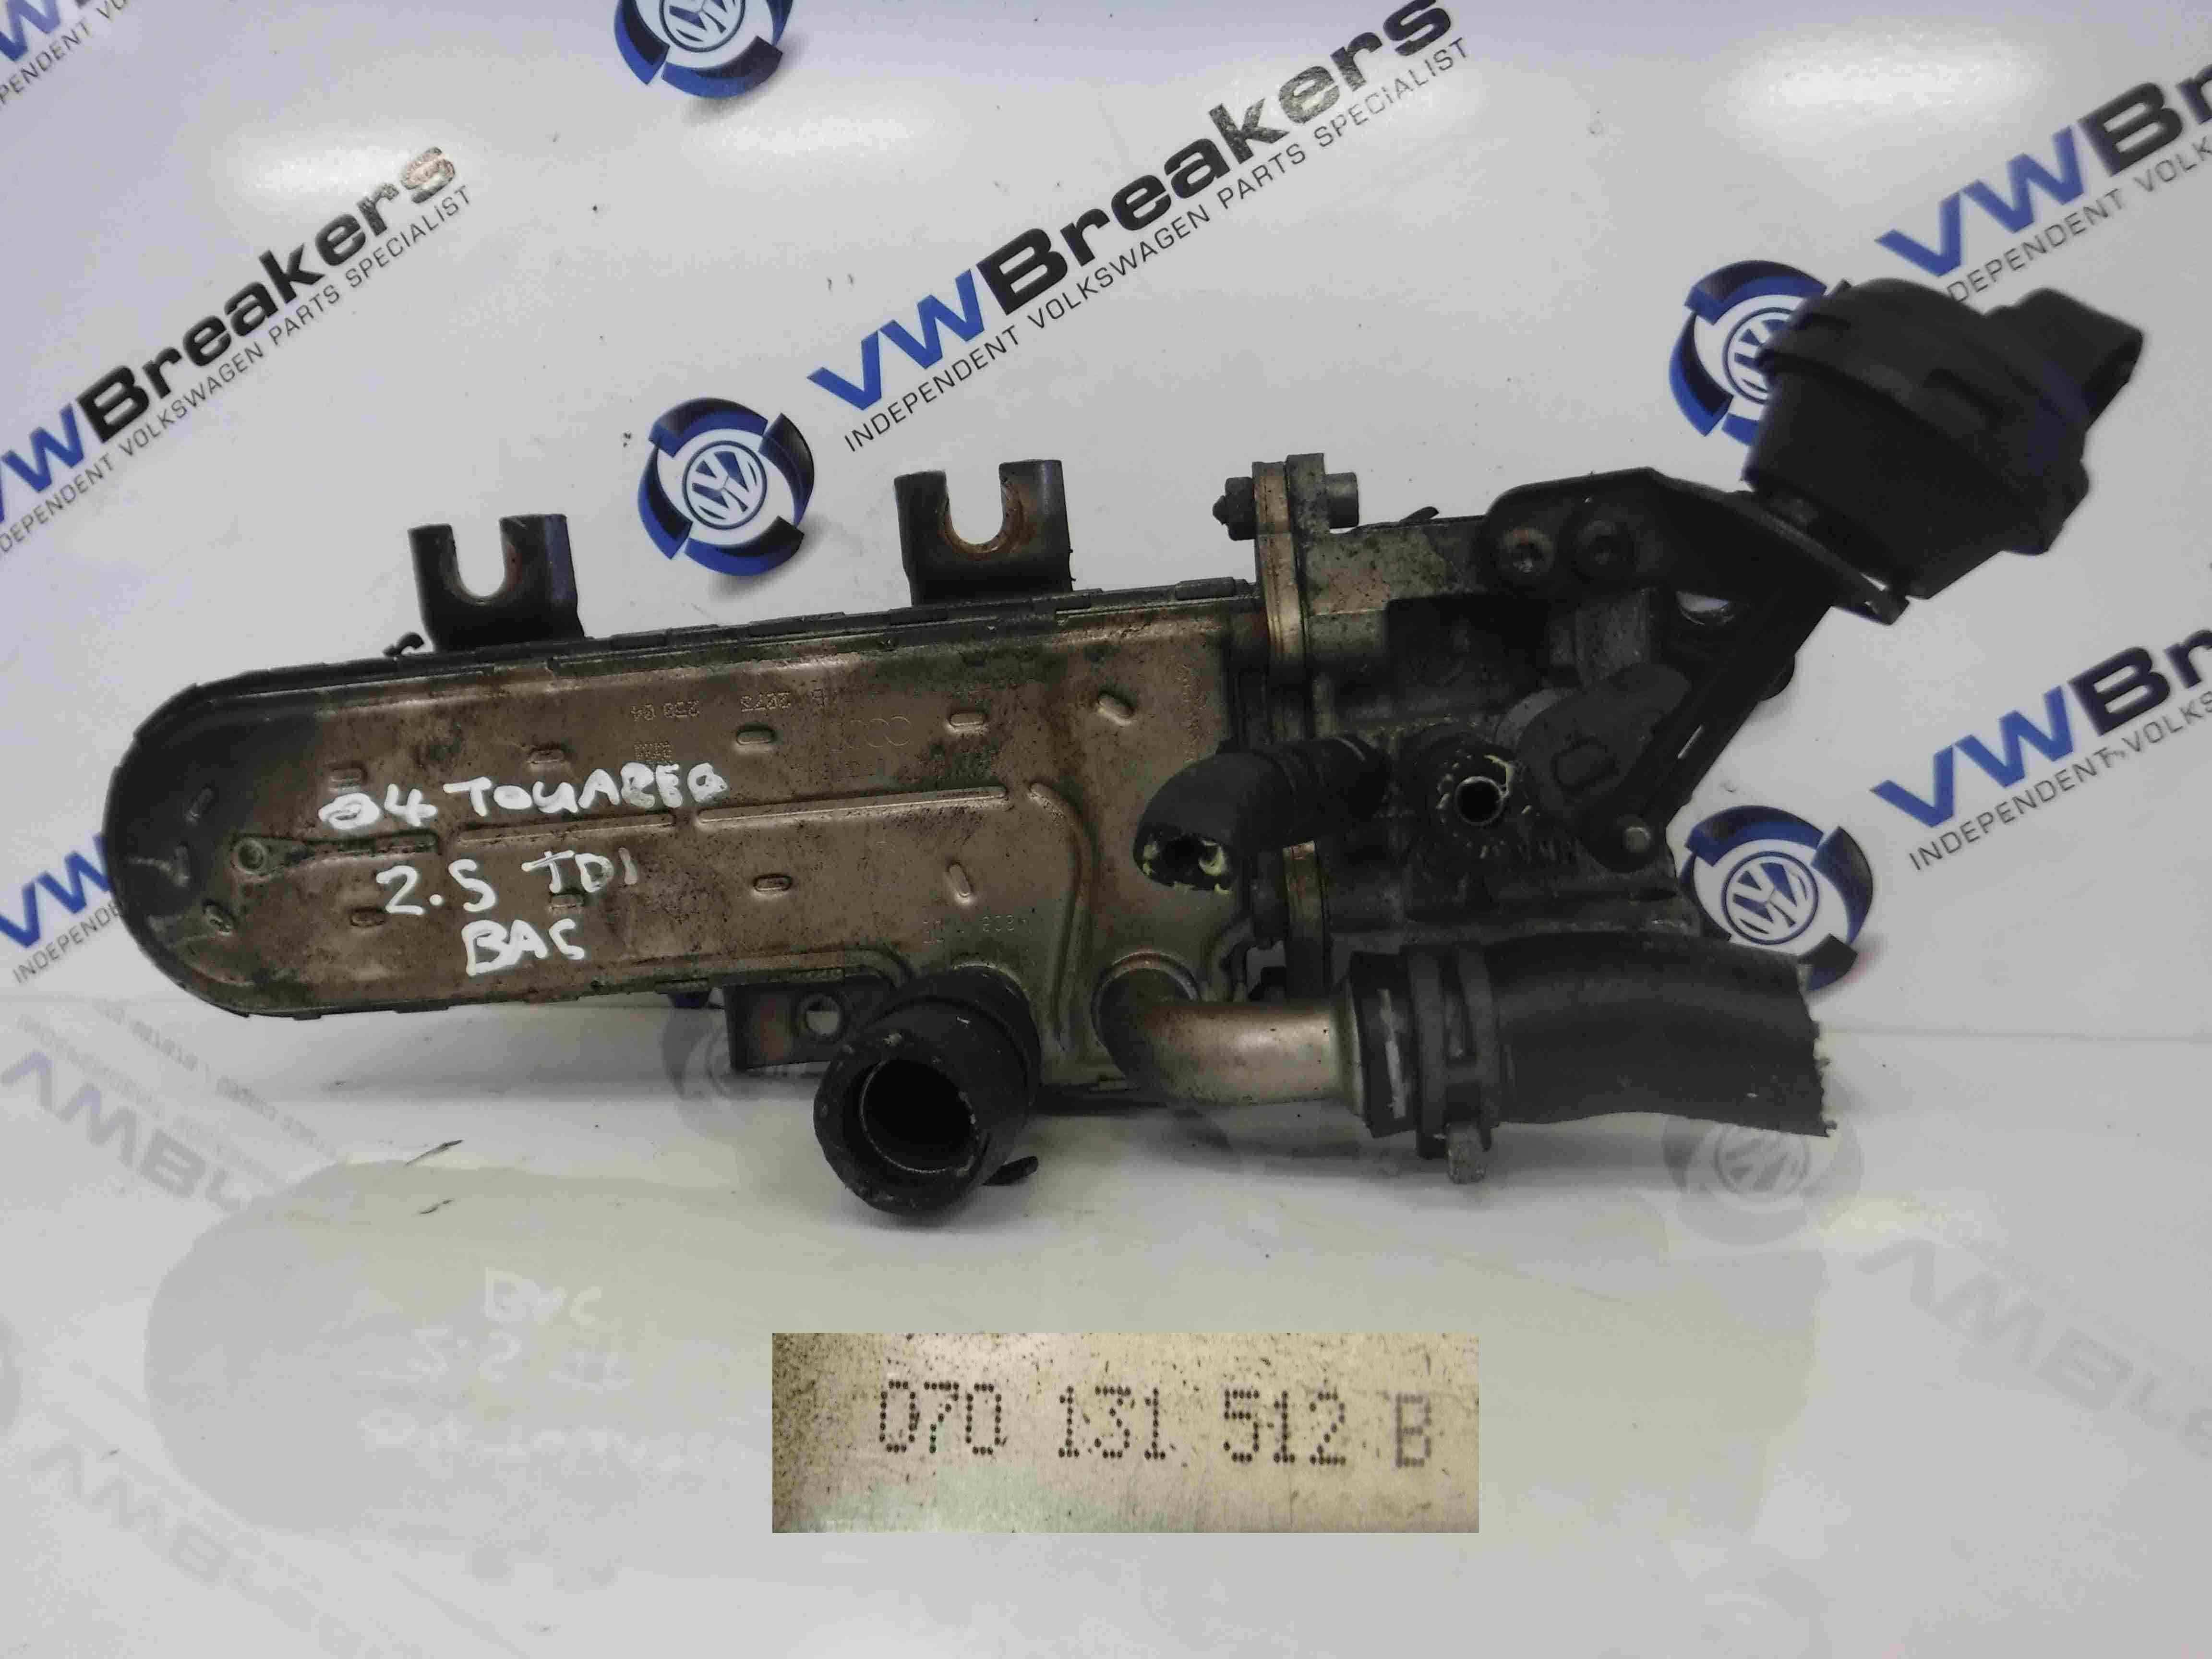 Volkswagen Touareg 2002-2007 2.5 TDI EGR Valve Cooler 070131512B